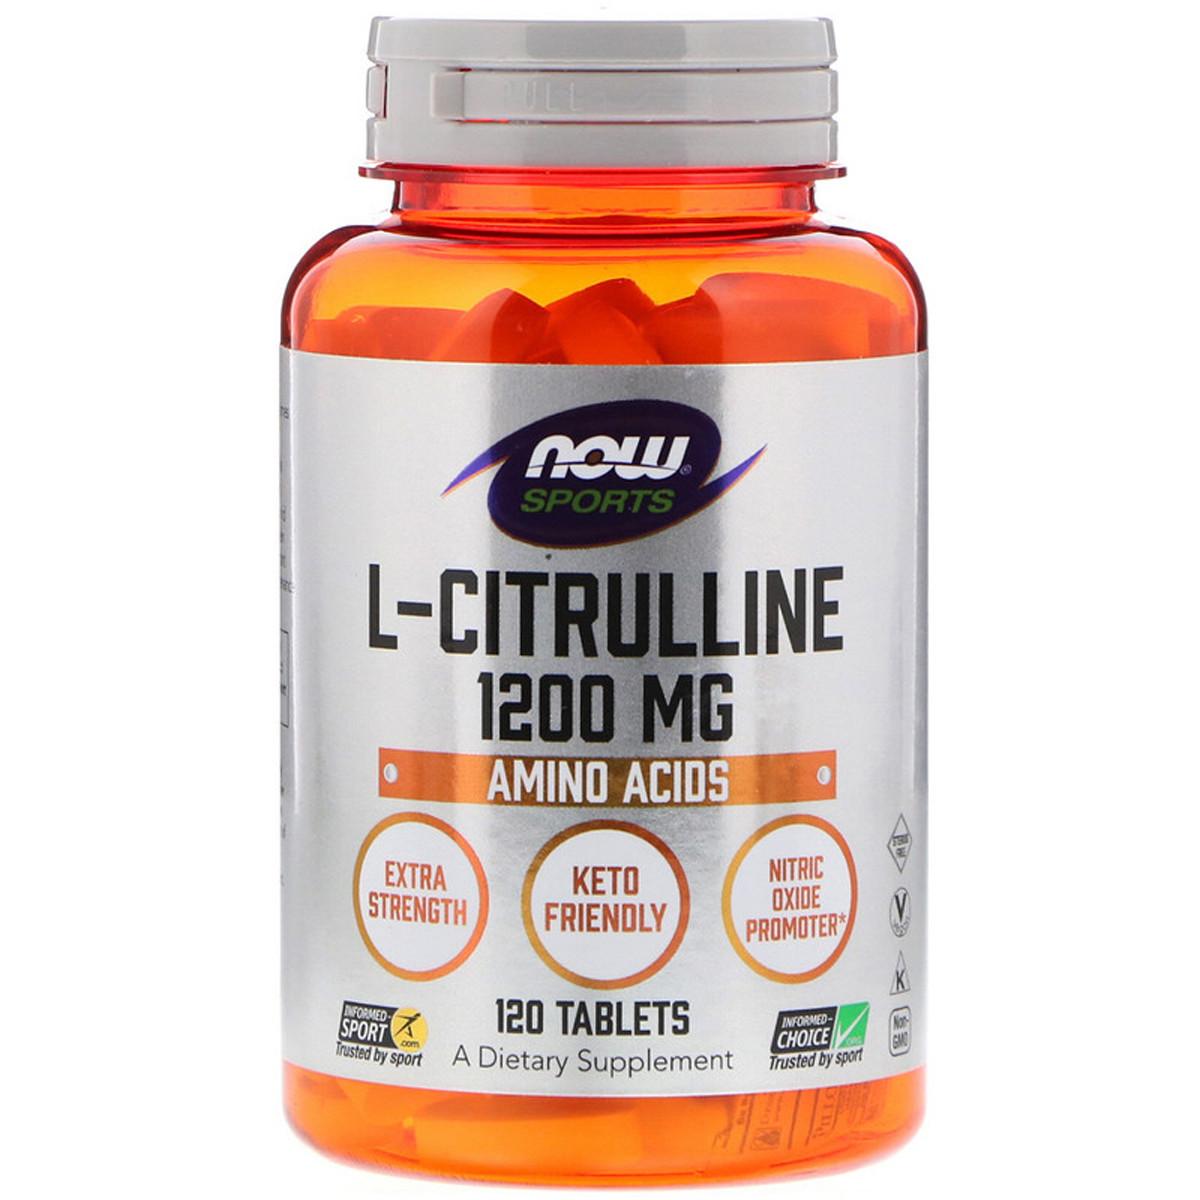 L-Цитруллин Now Foods 1200 мг 120 таблеток (NF0116)